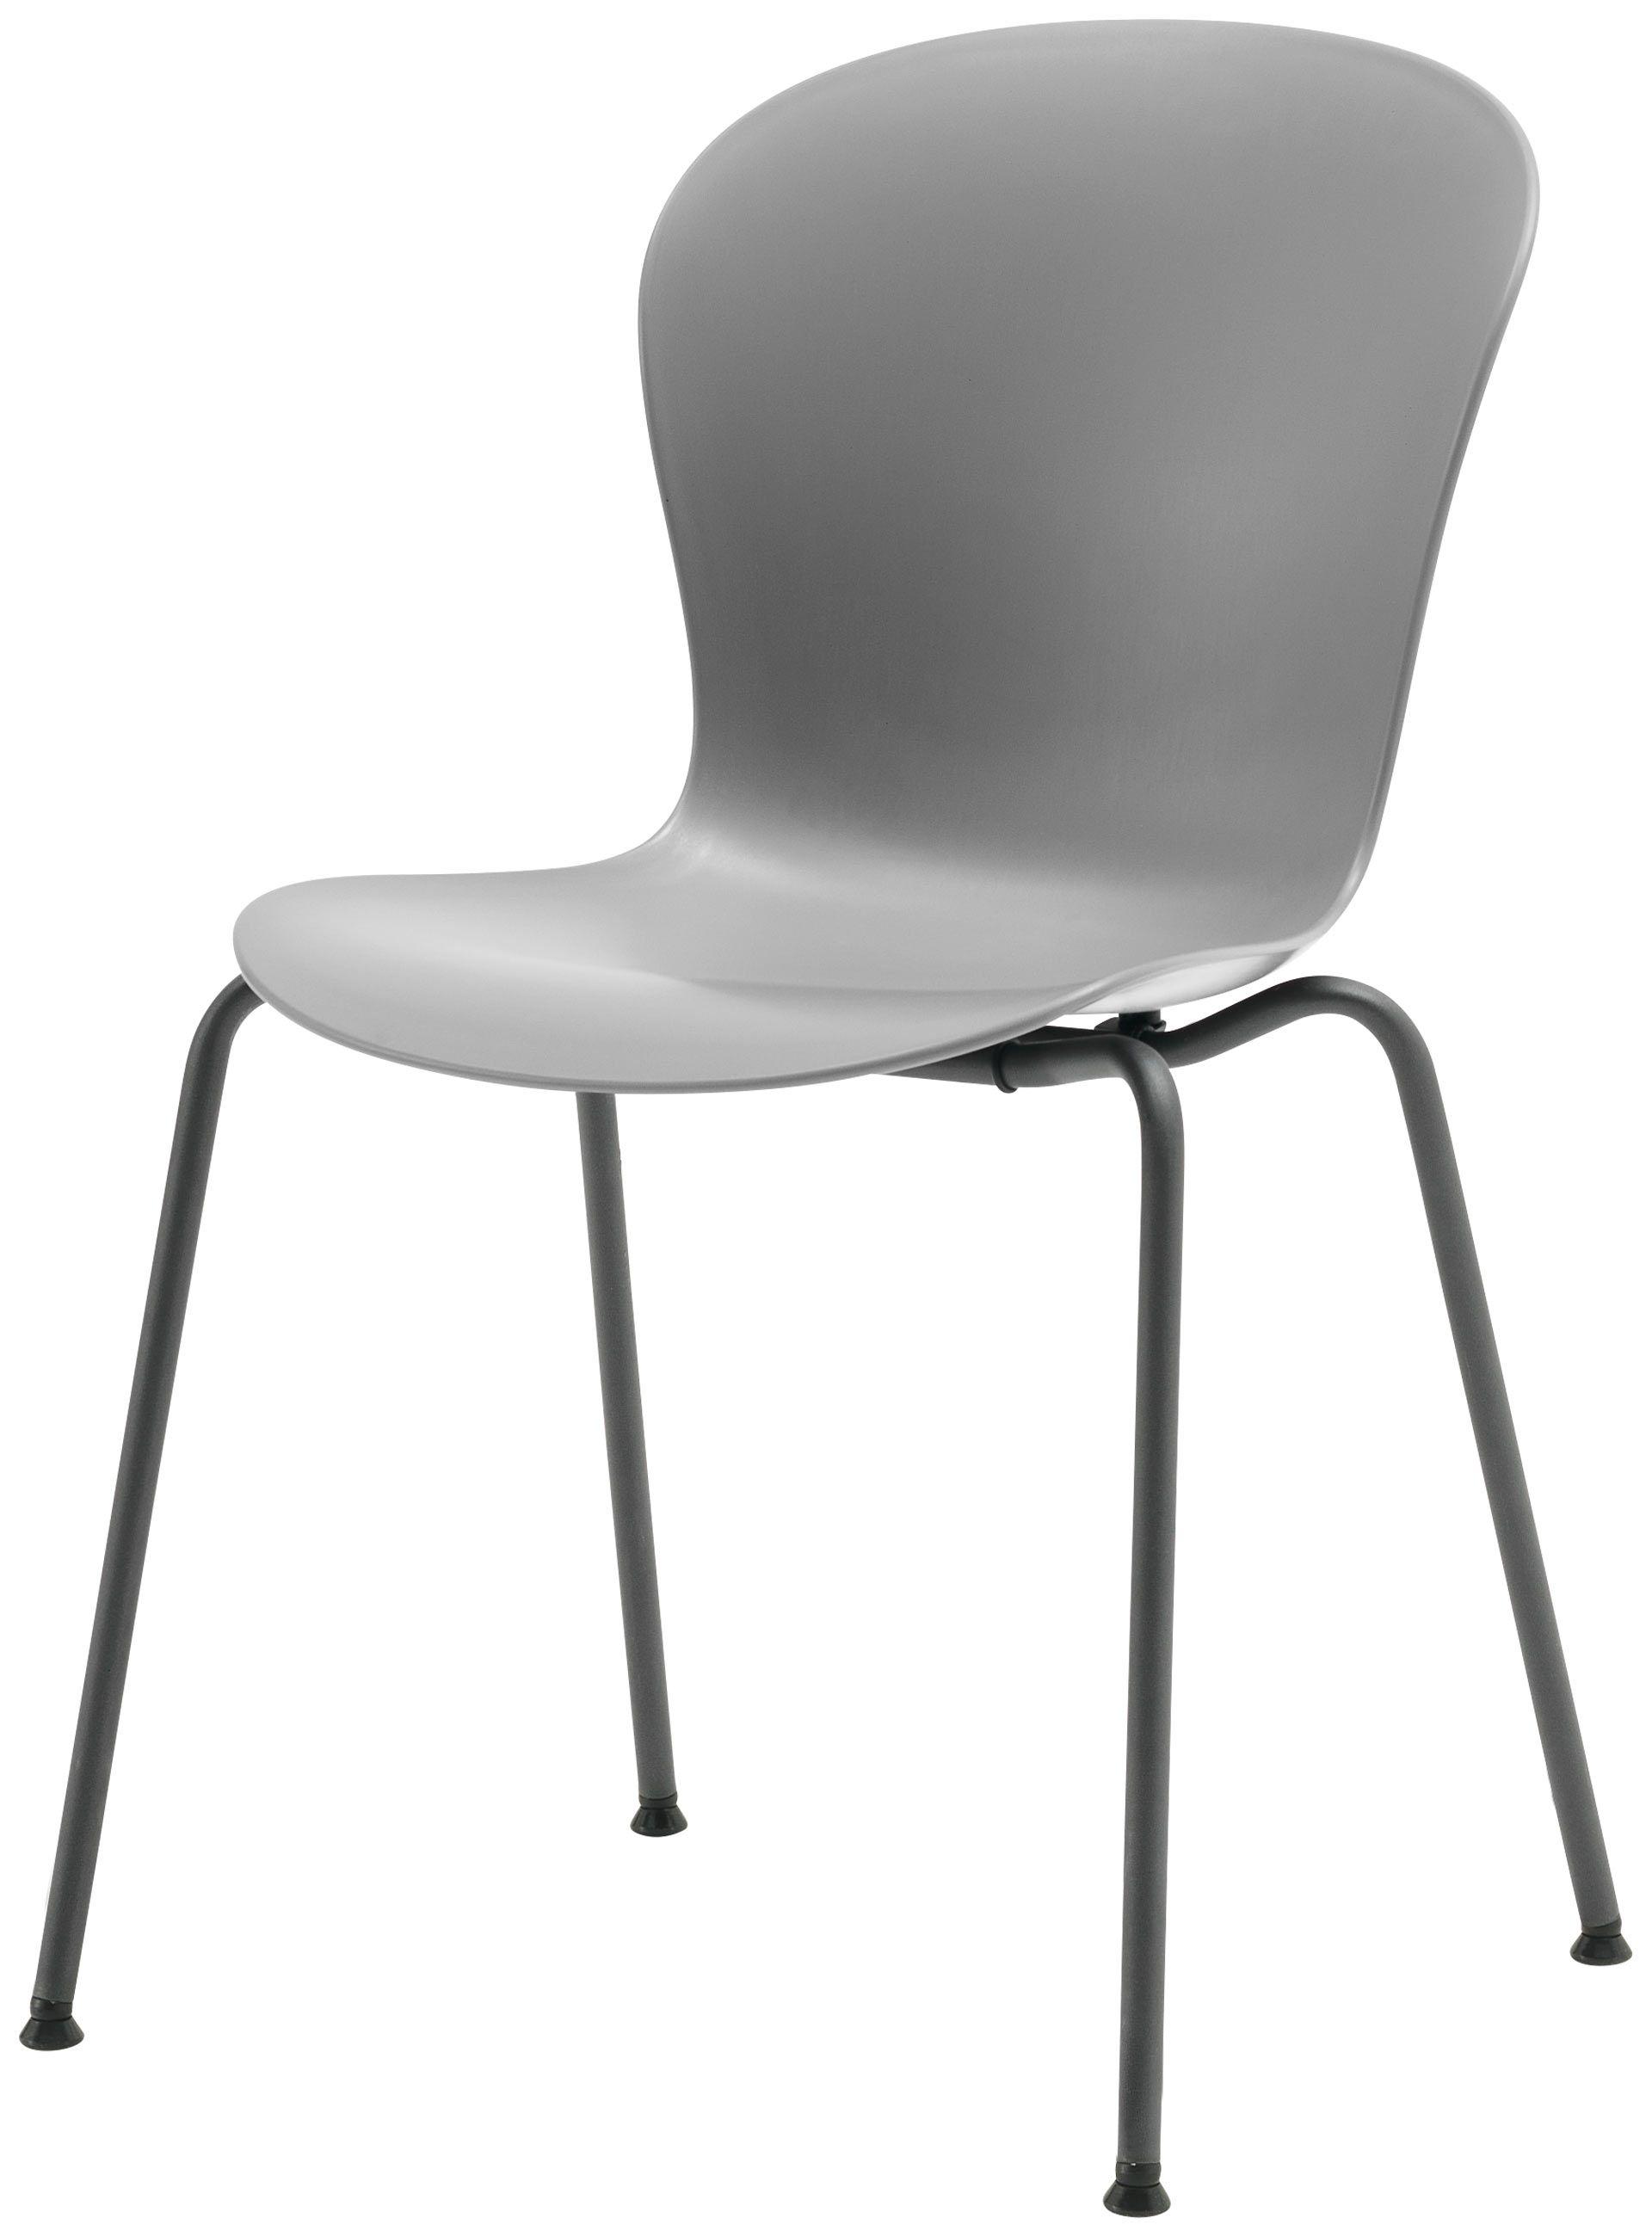 Moderne Design Esszimmerstühle   Qualität von BoConcept ...